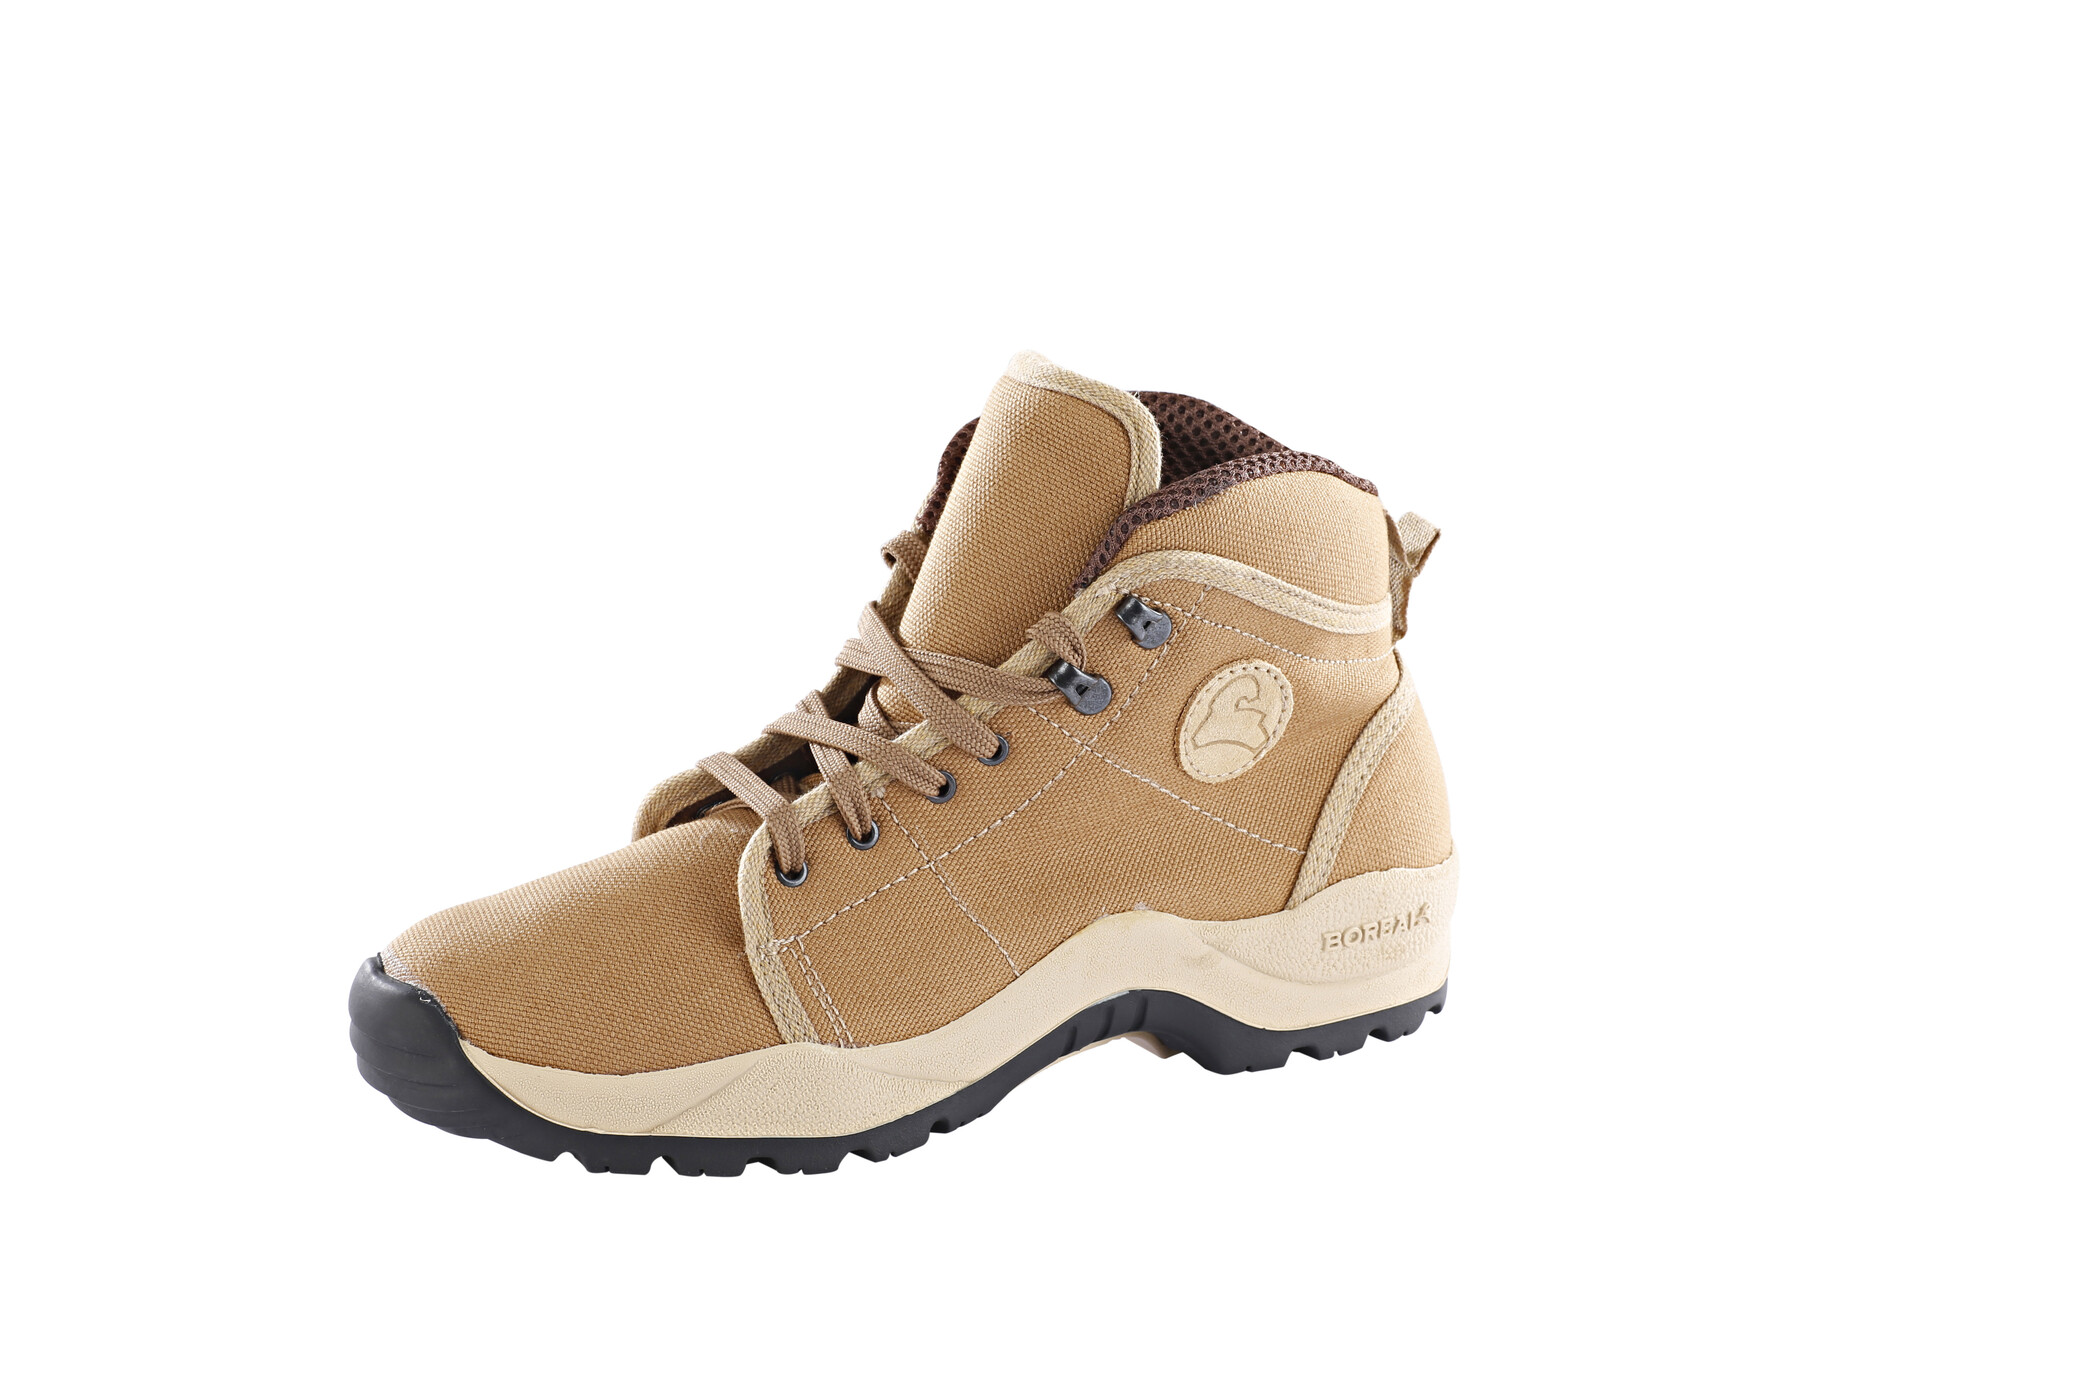 Lakota Se Shoes Gray Gr. Chaussures Gris Lakota Soi Gr. 8.0 Us Winter Schoenen 8.0 Nous Schoenen D'hiver 0ZMs8nxk3